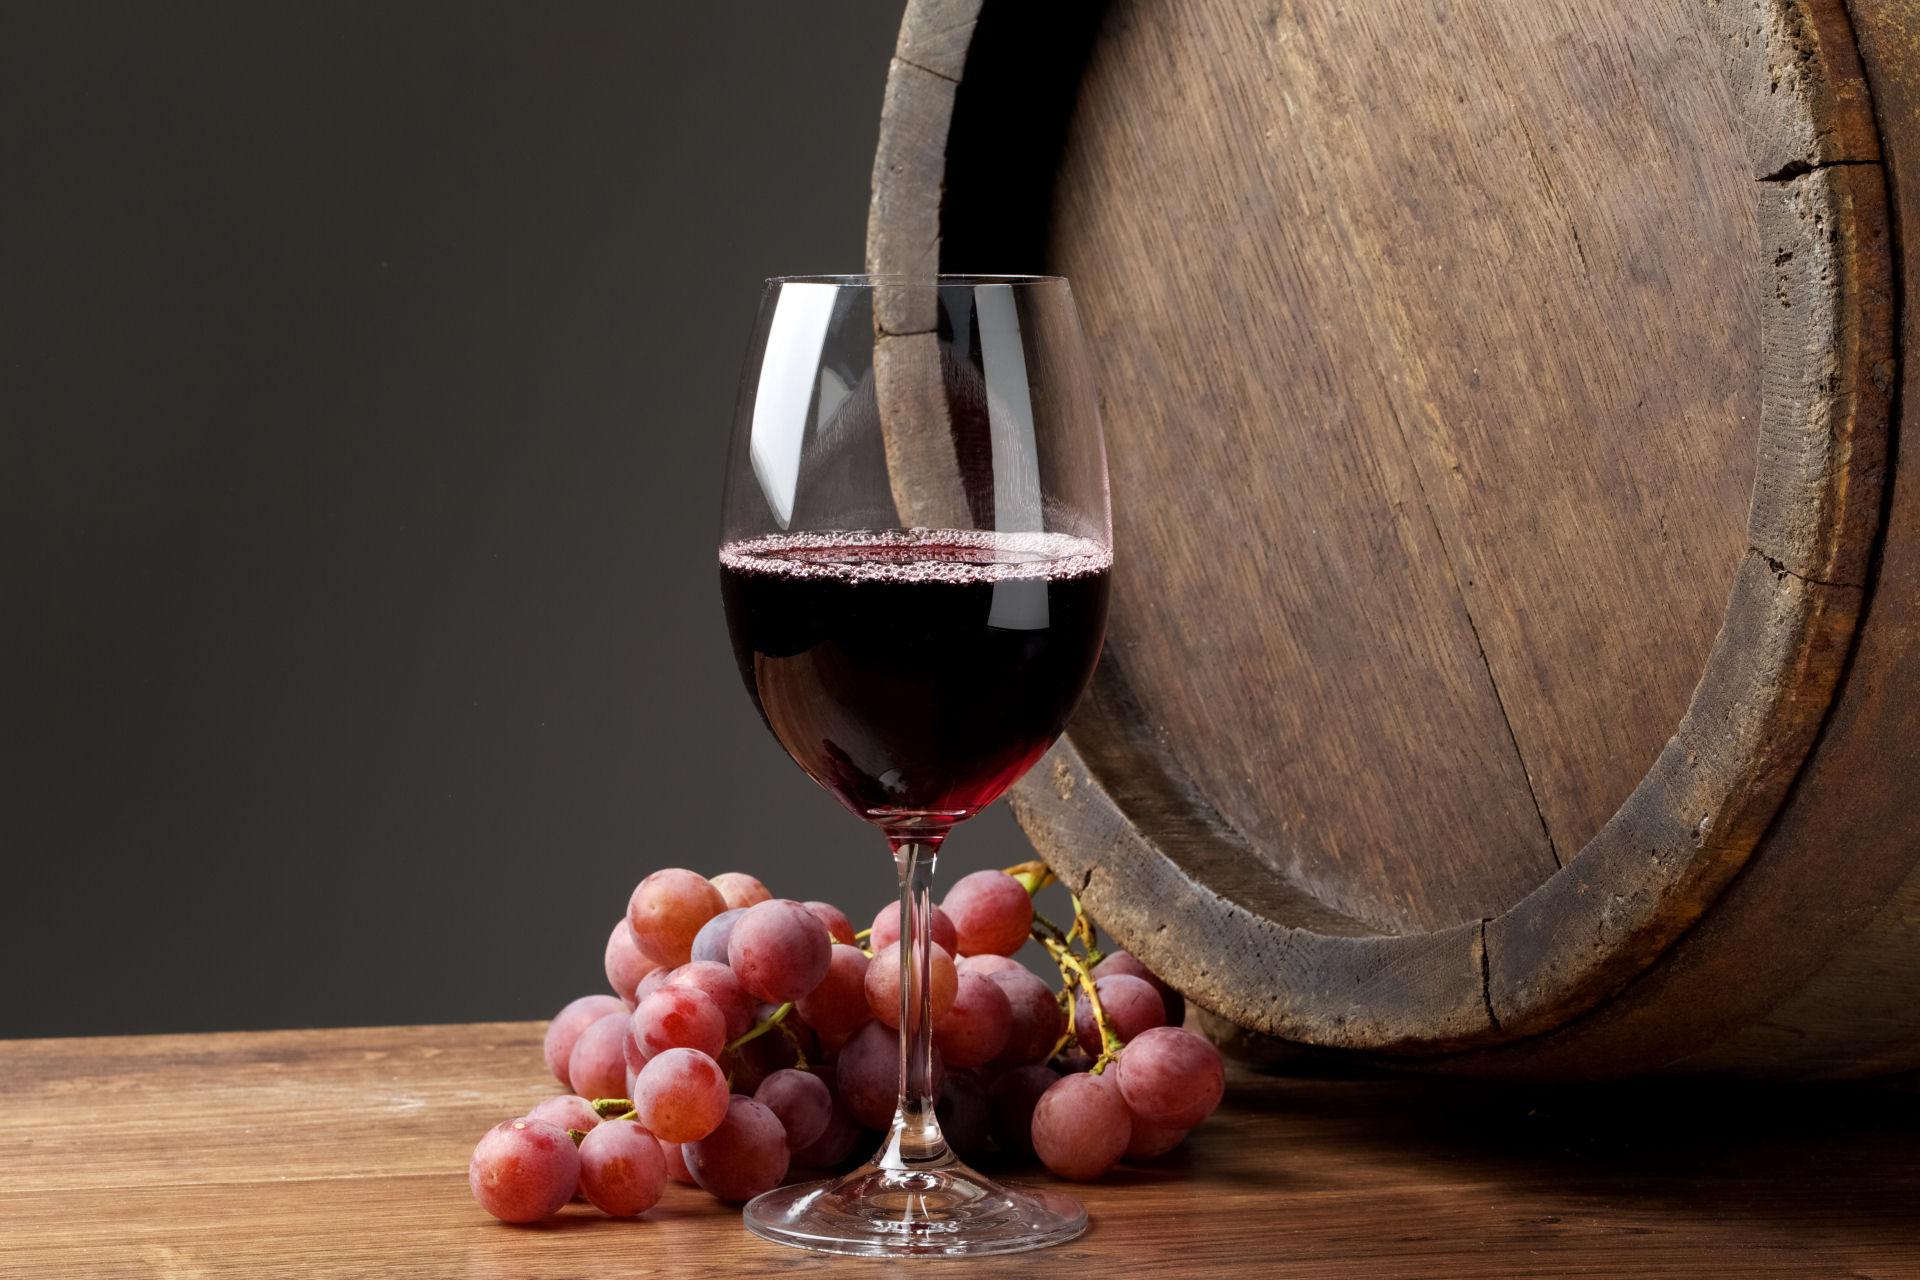 <p>Nabízíme<br /> <strong>KVALITNÍ VÍNA</strong><br />předních českých vinařů</p>